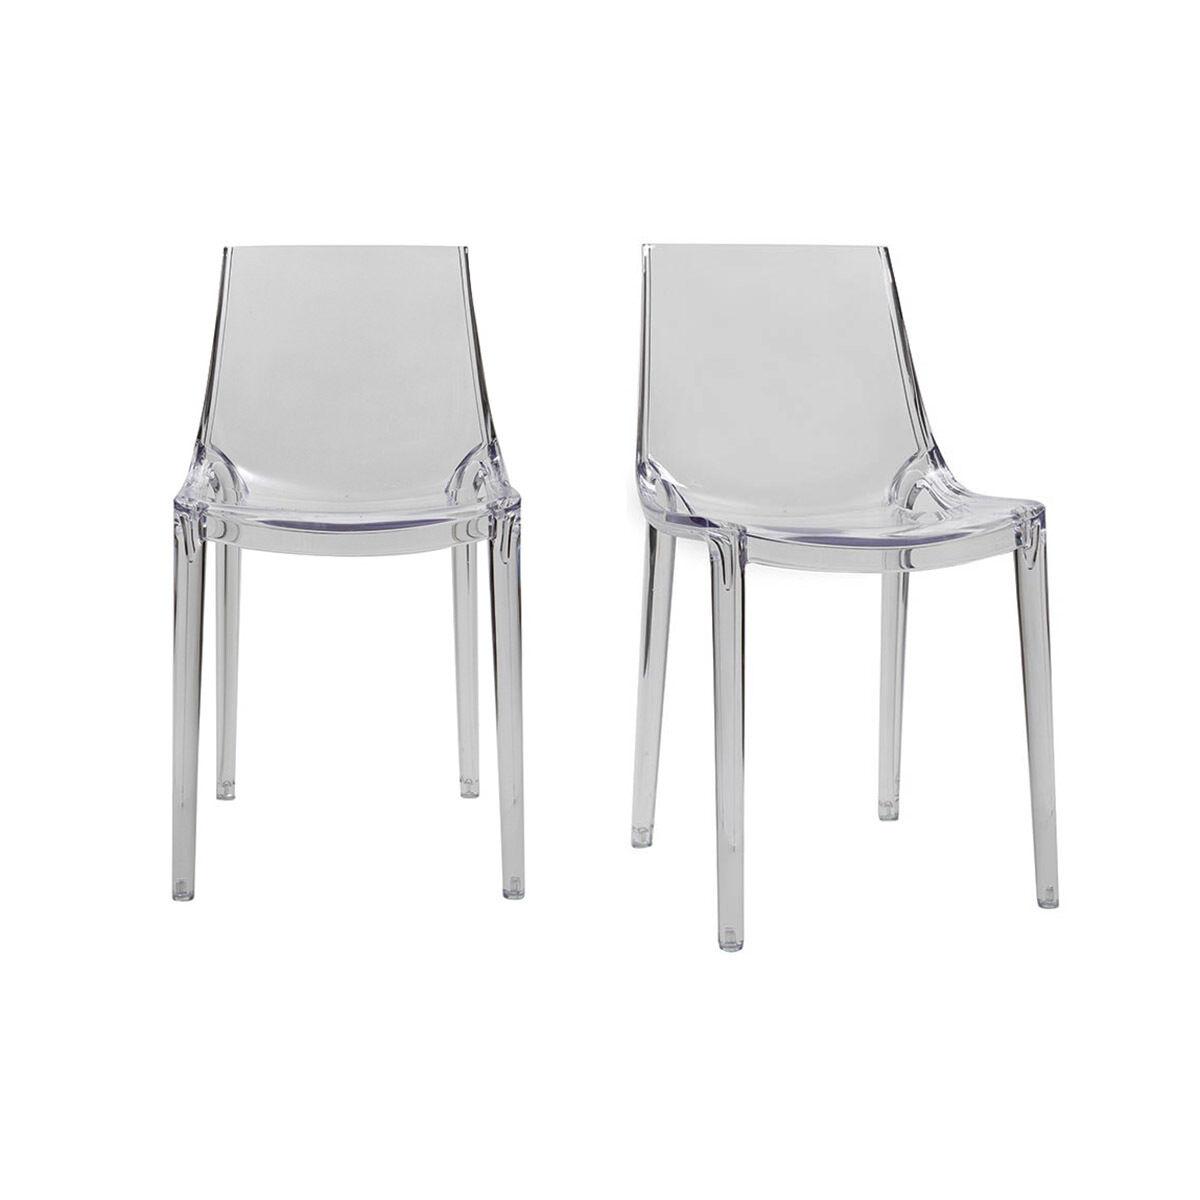 Miliboo Chaises design empilables transparentes intérieur / extérieur (lot de 2) YZEL